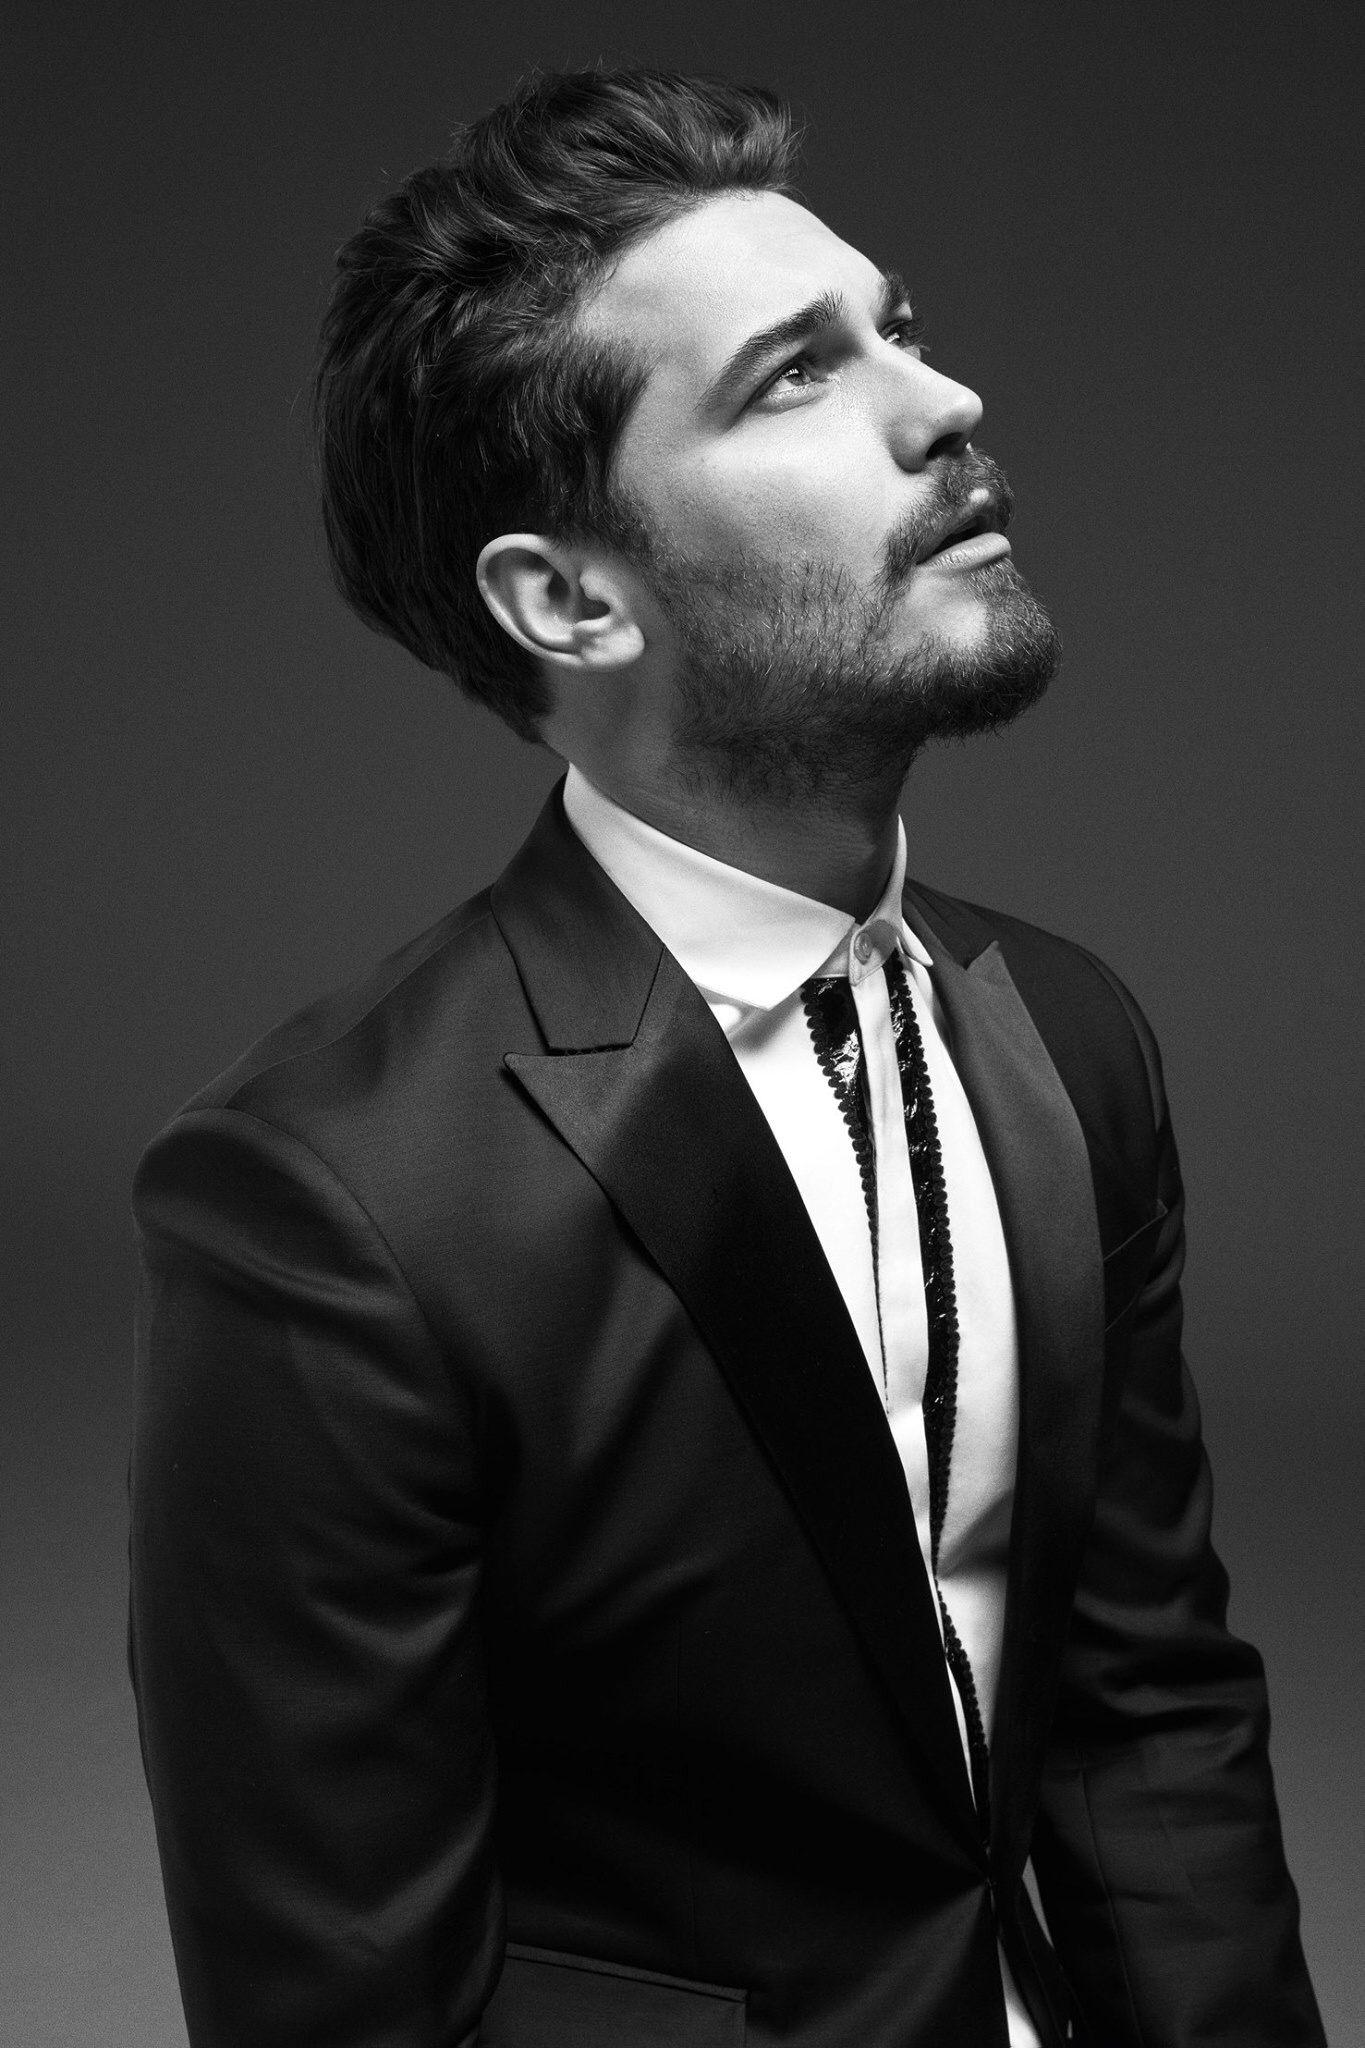 Cagatay Ulusoy Erkek Sac Modelleri Aktrisler Aktor